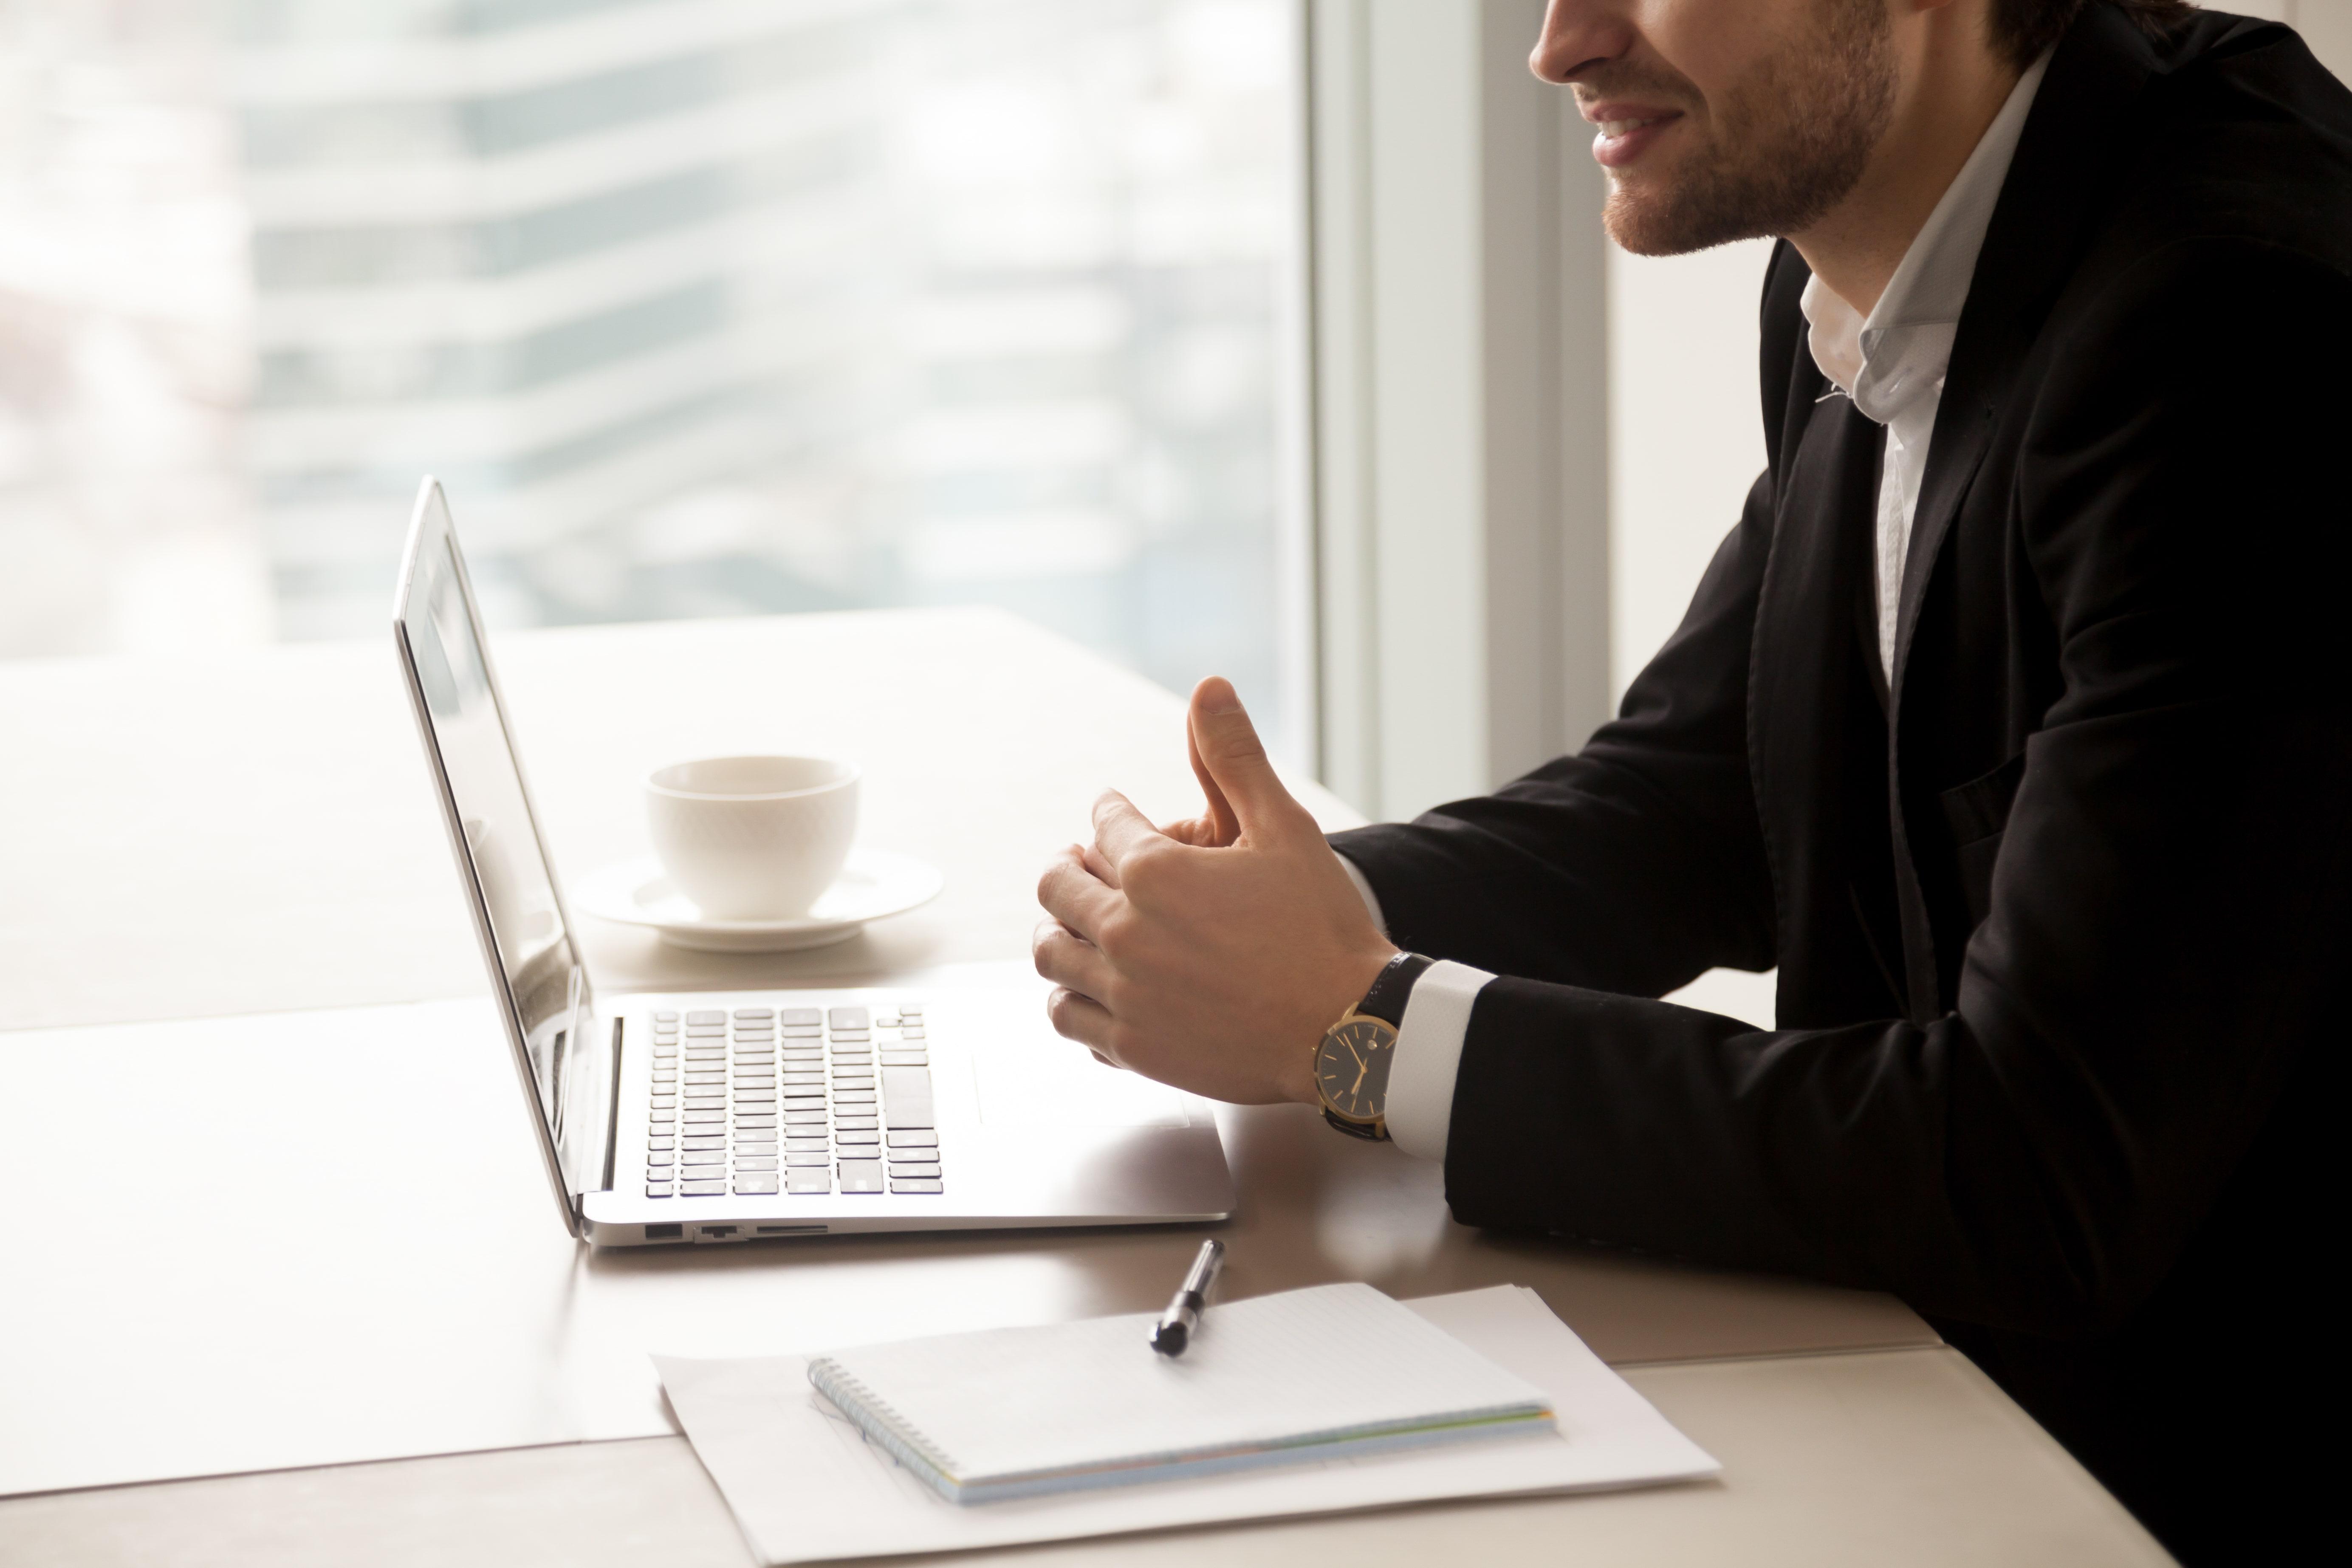 Entrevista online: como fazer? 8 dicas para ter sucesso